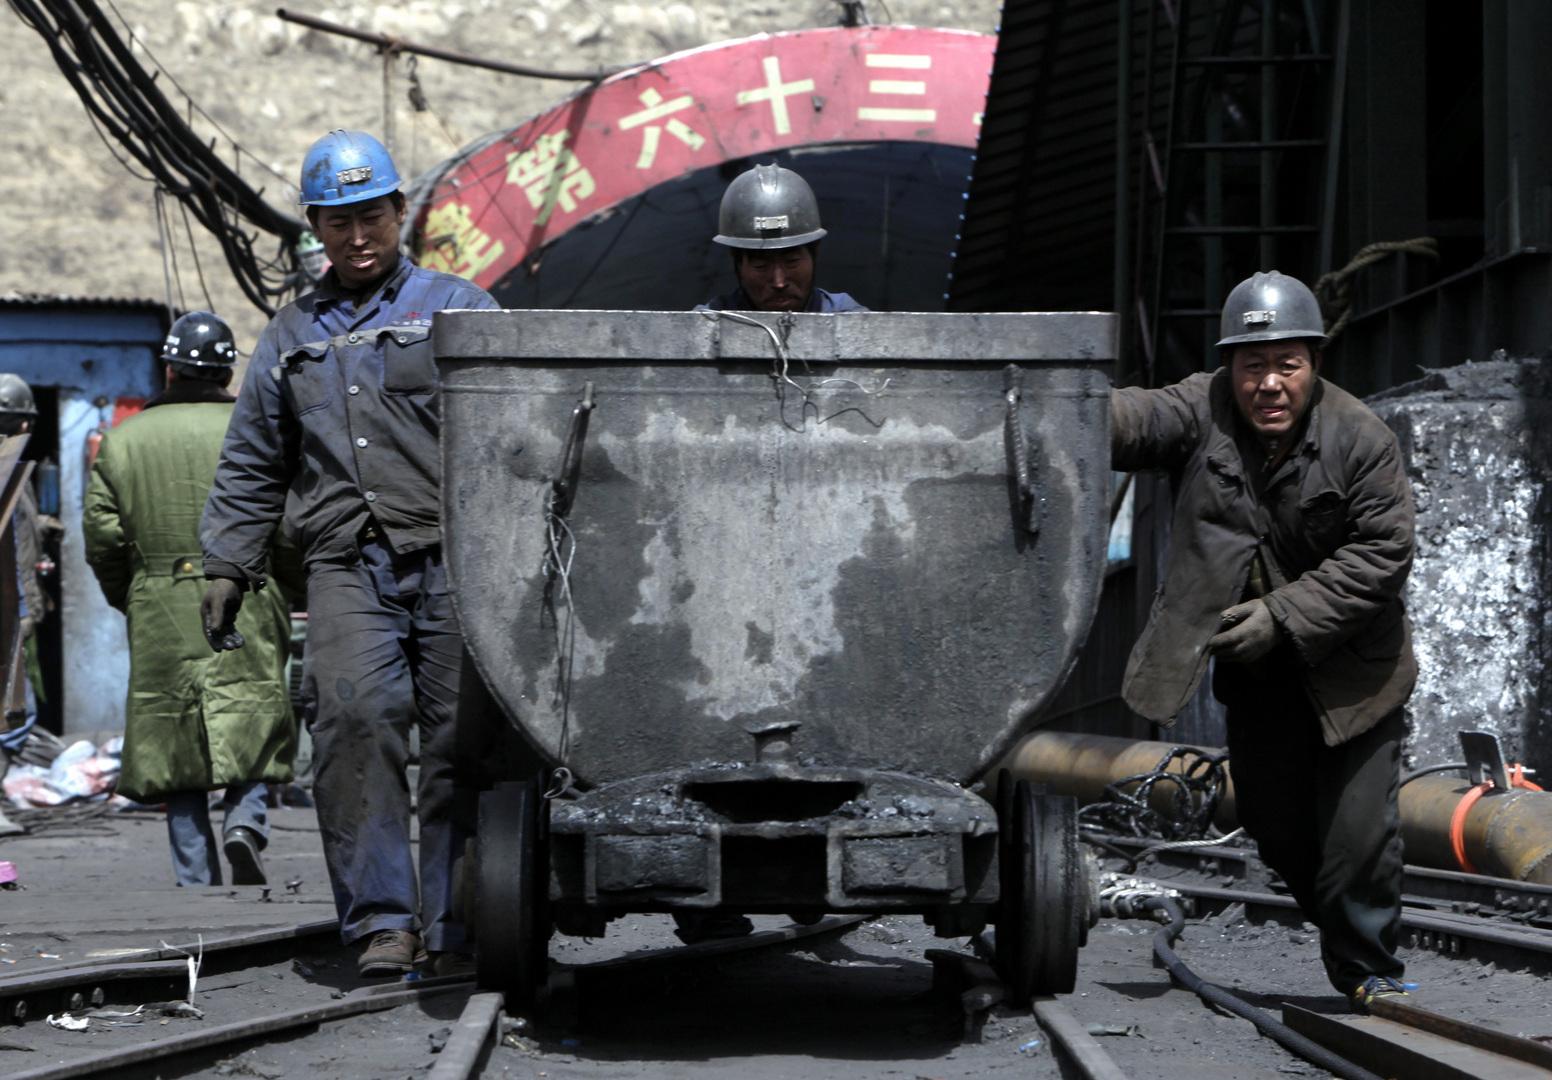 عمال مناجم في الصين. الصورة: أرشيف.